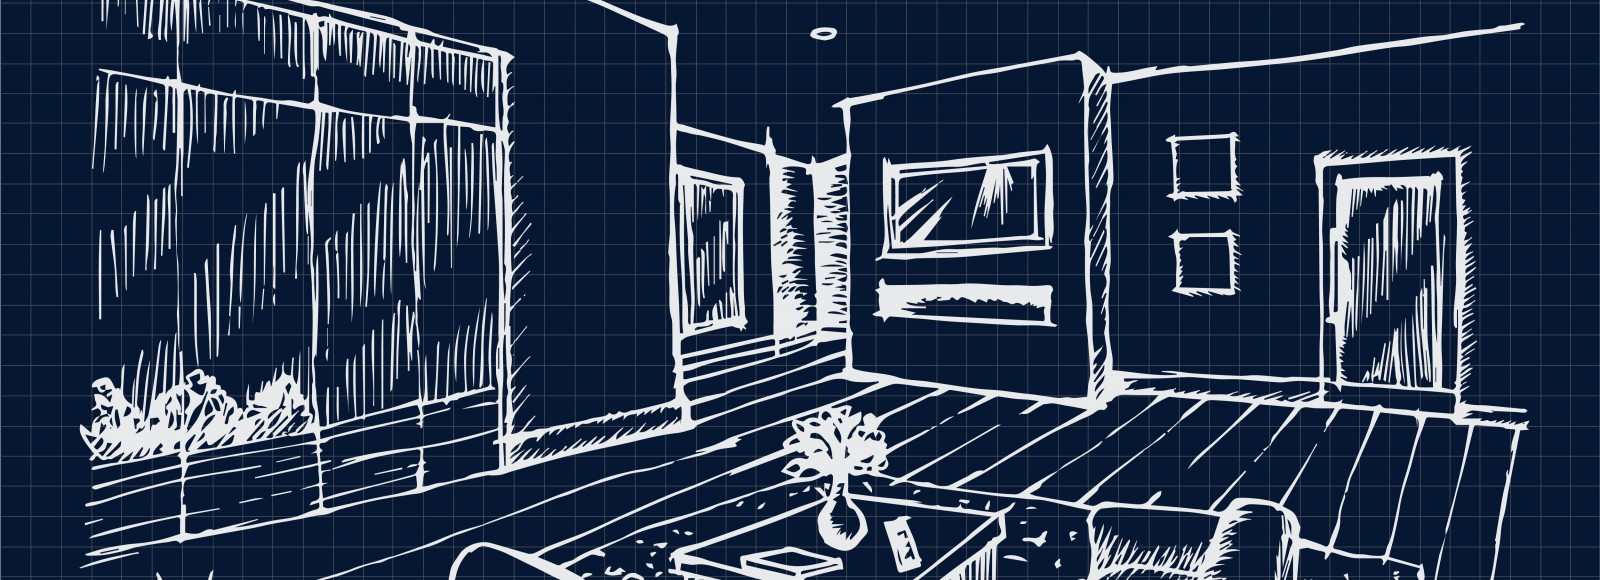 shutterstock_blueprint